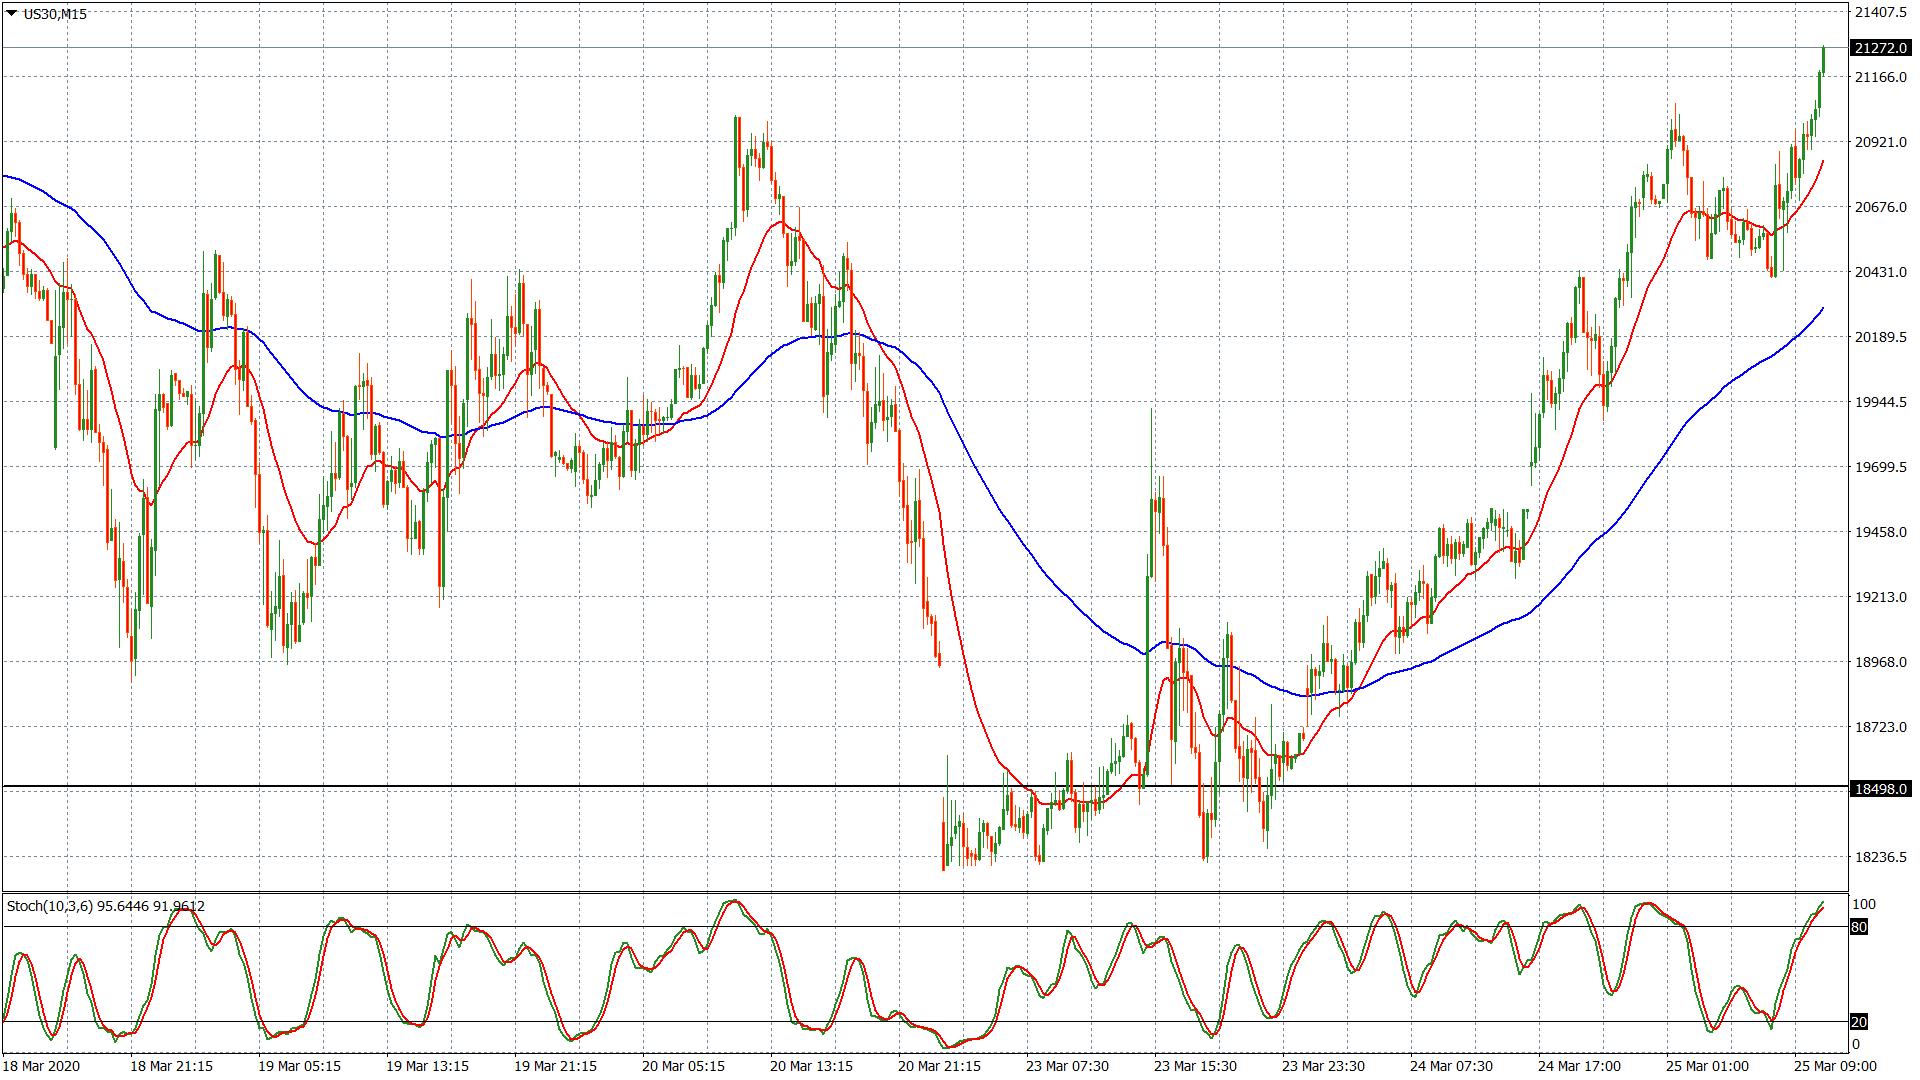 Dow Jones – grafico 15 minuti